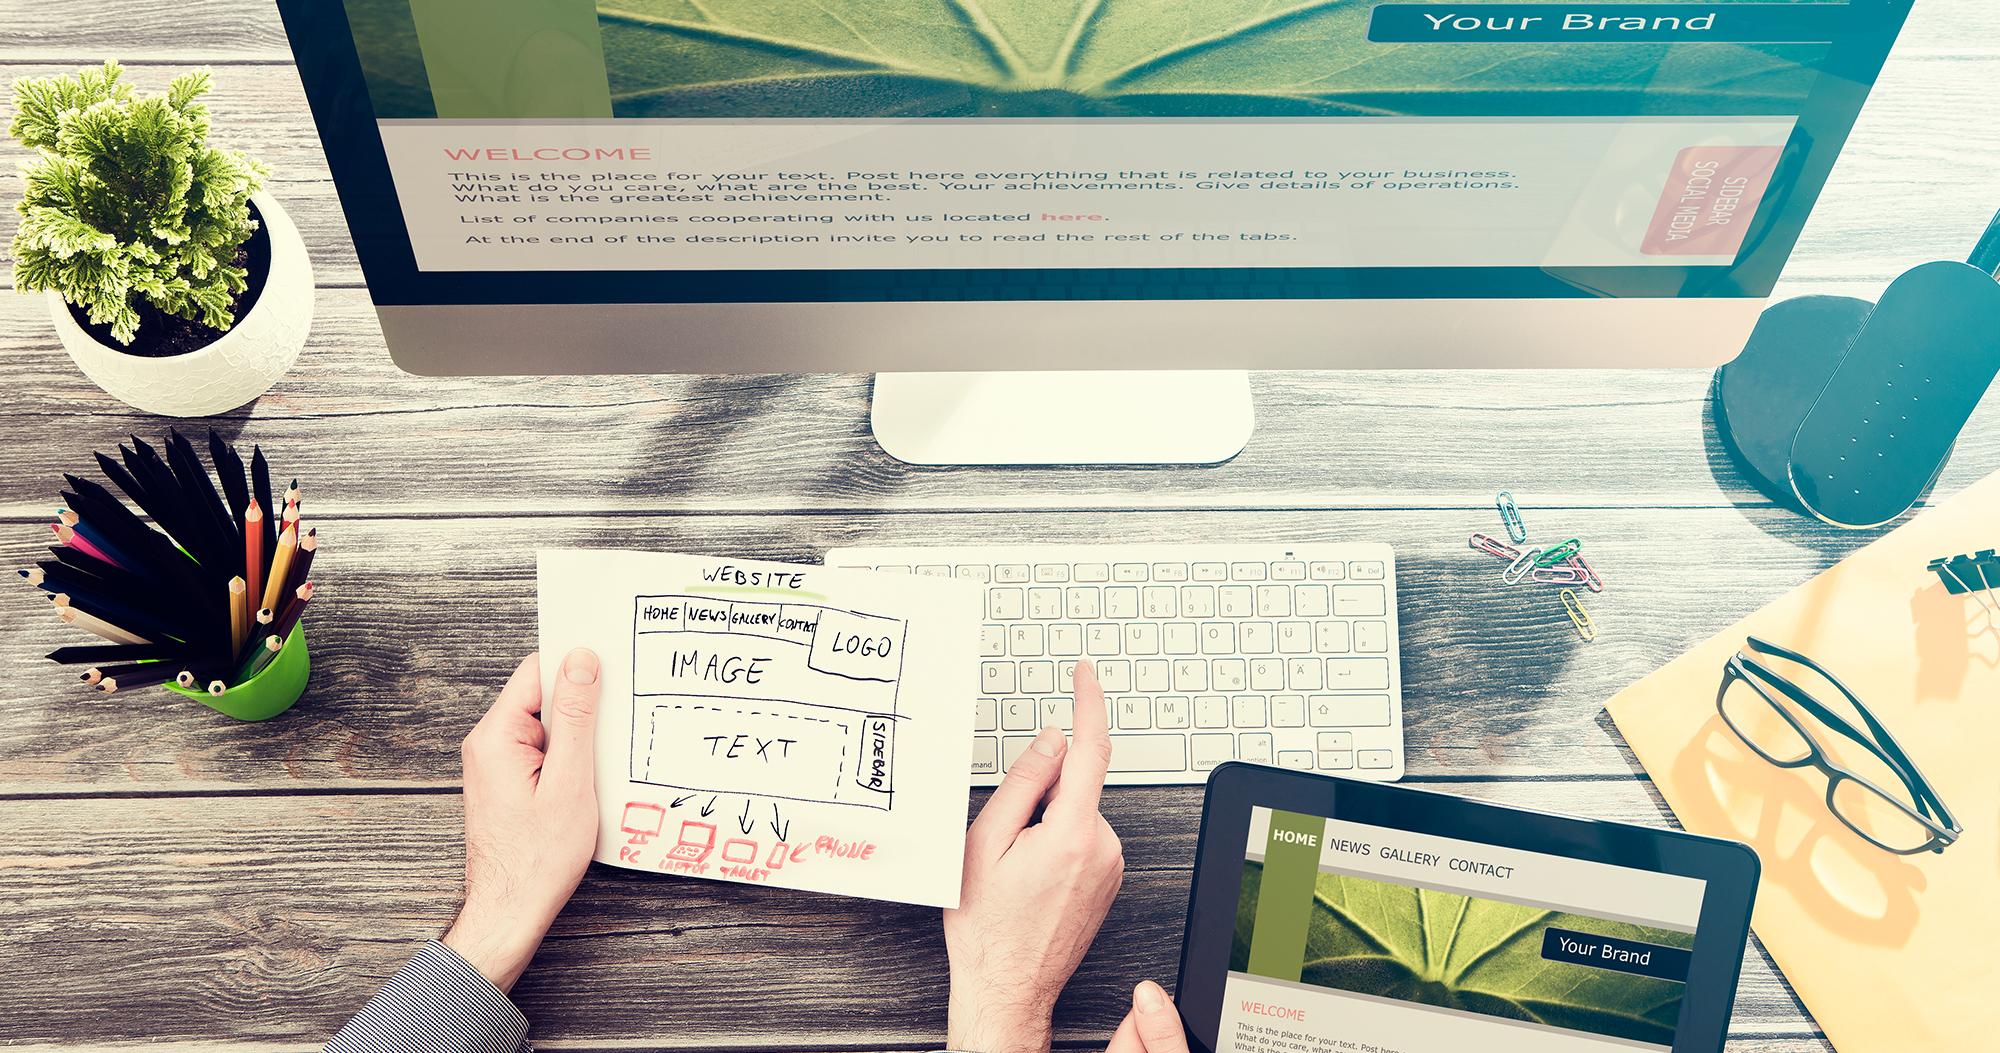 Webサイトのリニューアルで必要なものとは?定義・書類・業者選定方法など、まとめました!